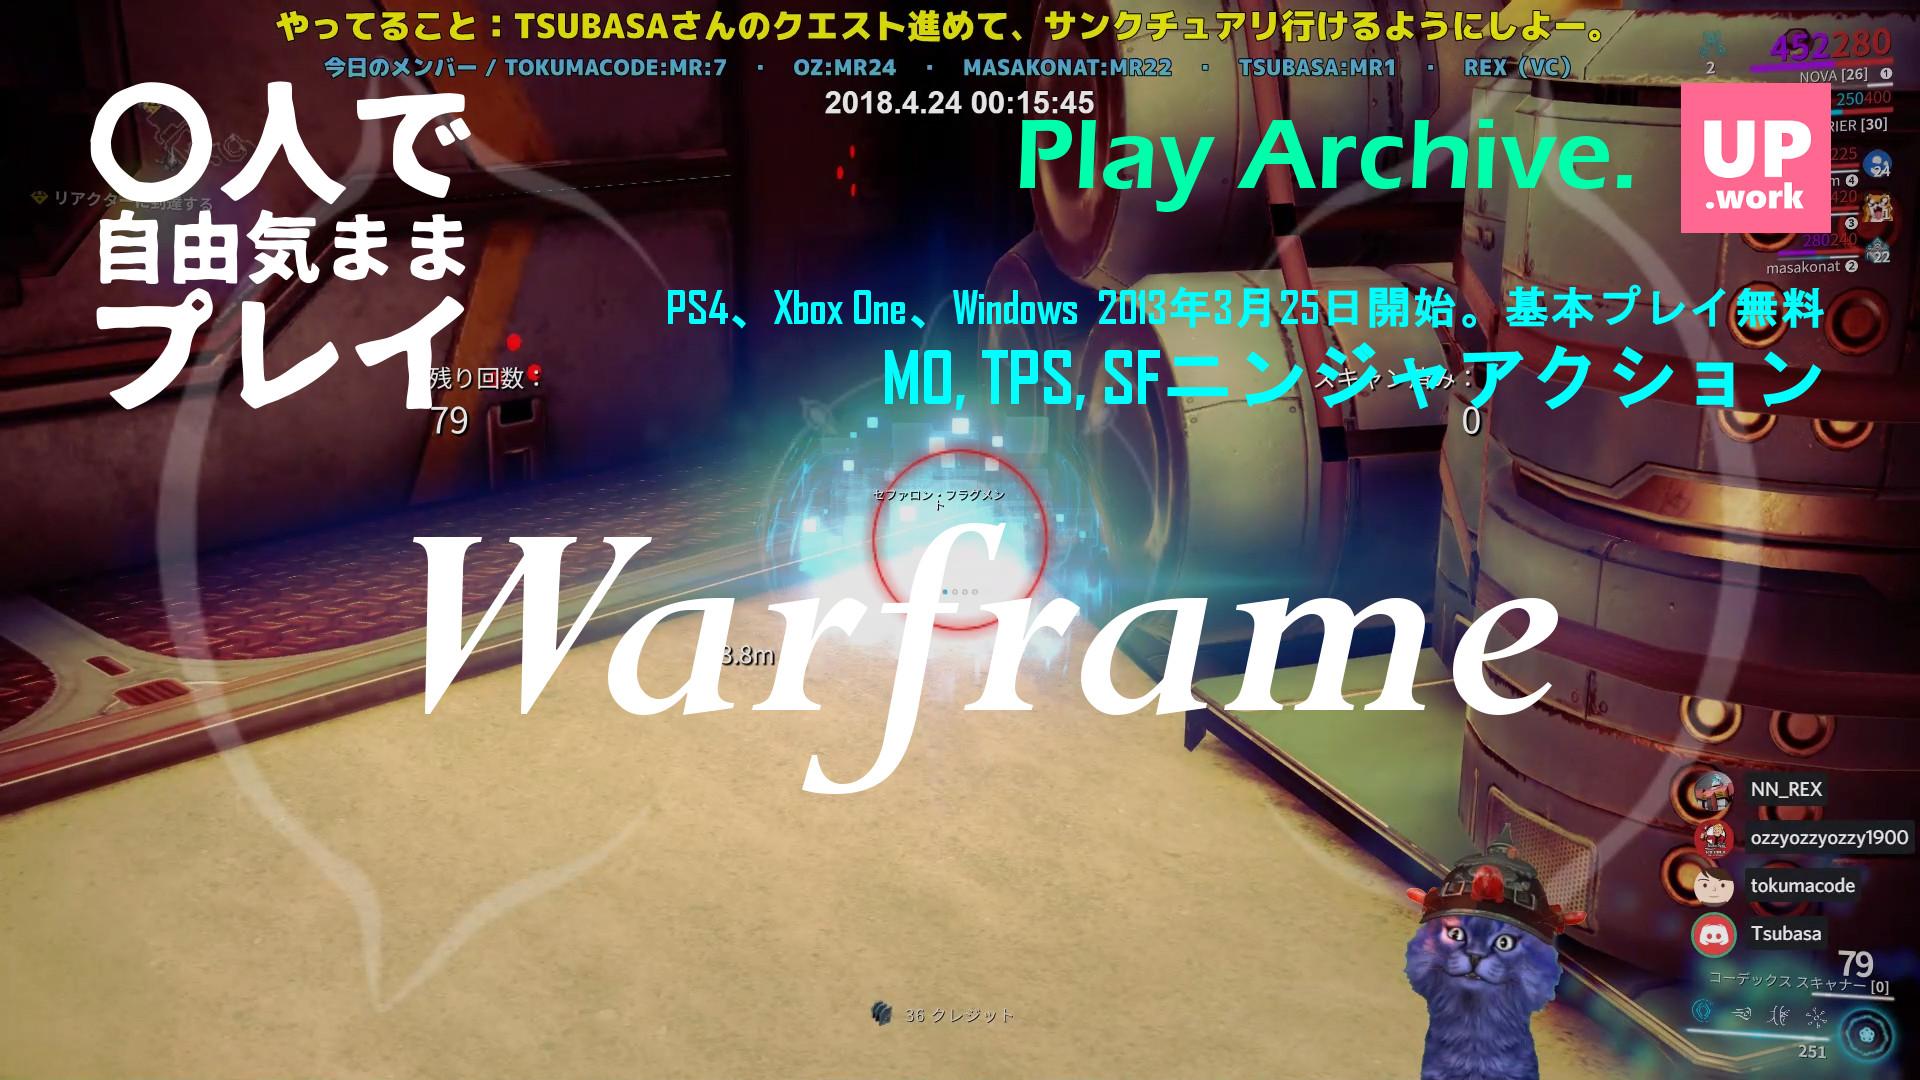 プレイ日記 /// Warframe /// #26 目指せサンクチュアリ / 2~5人で自由気ままプレイ / FaceRig